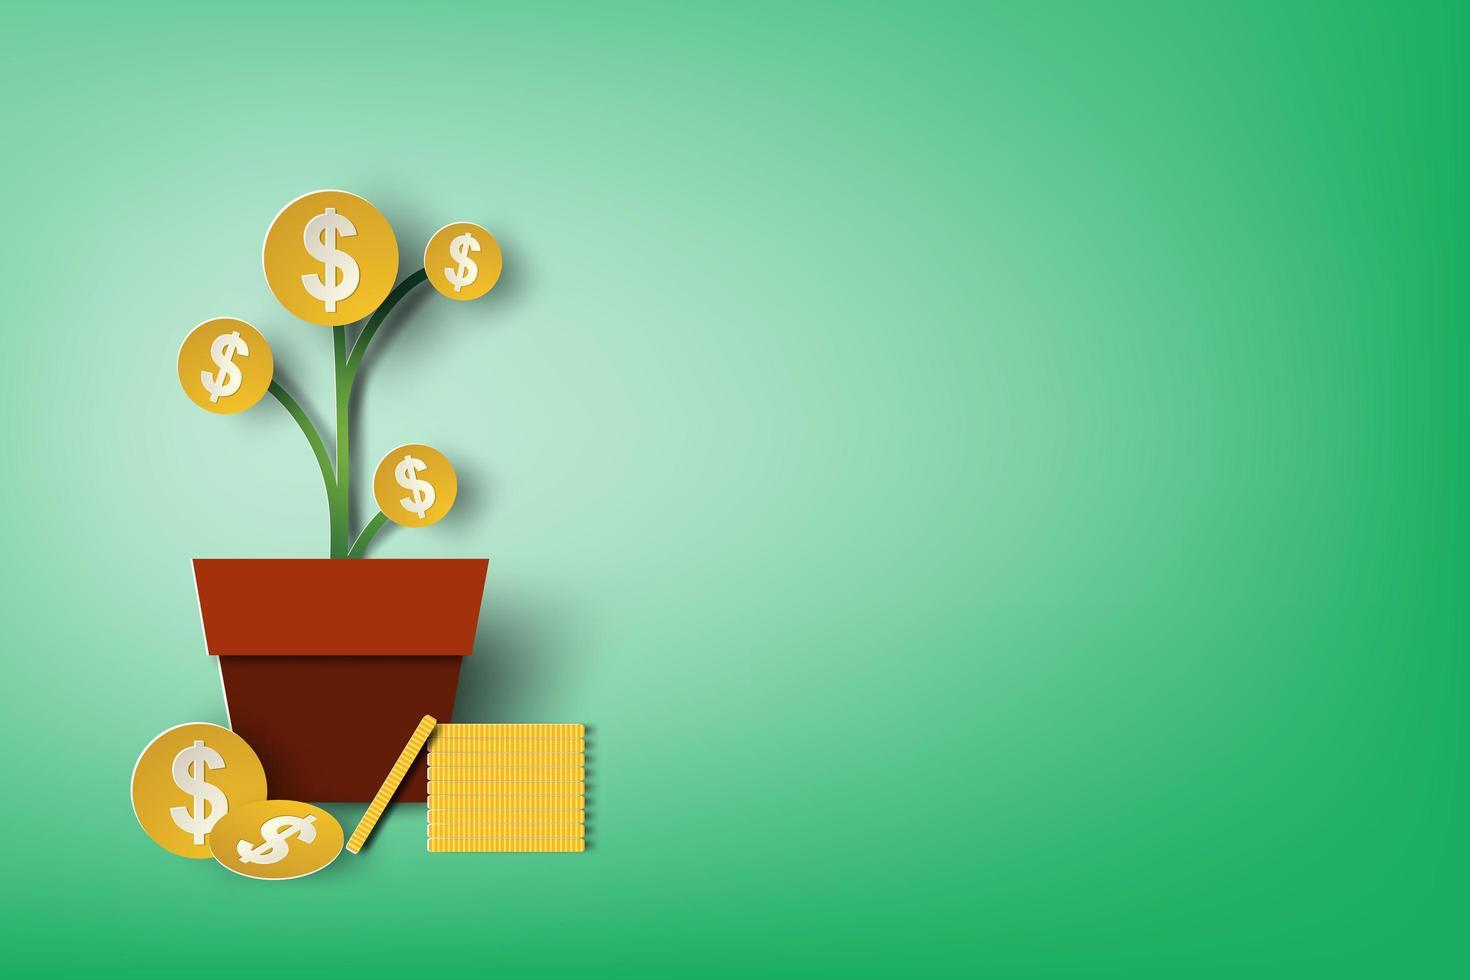 Papierkunst Geld Pflanze auf Grün vektor